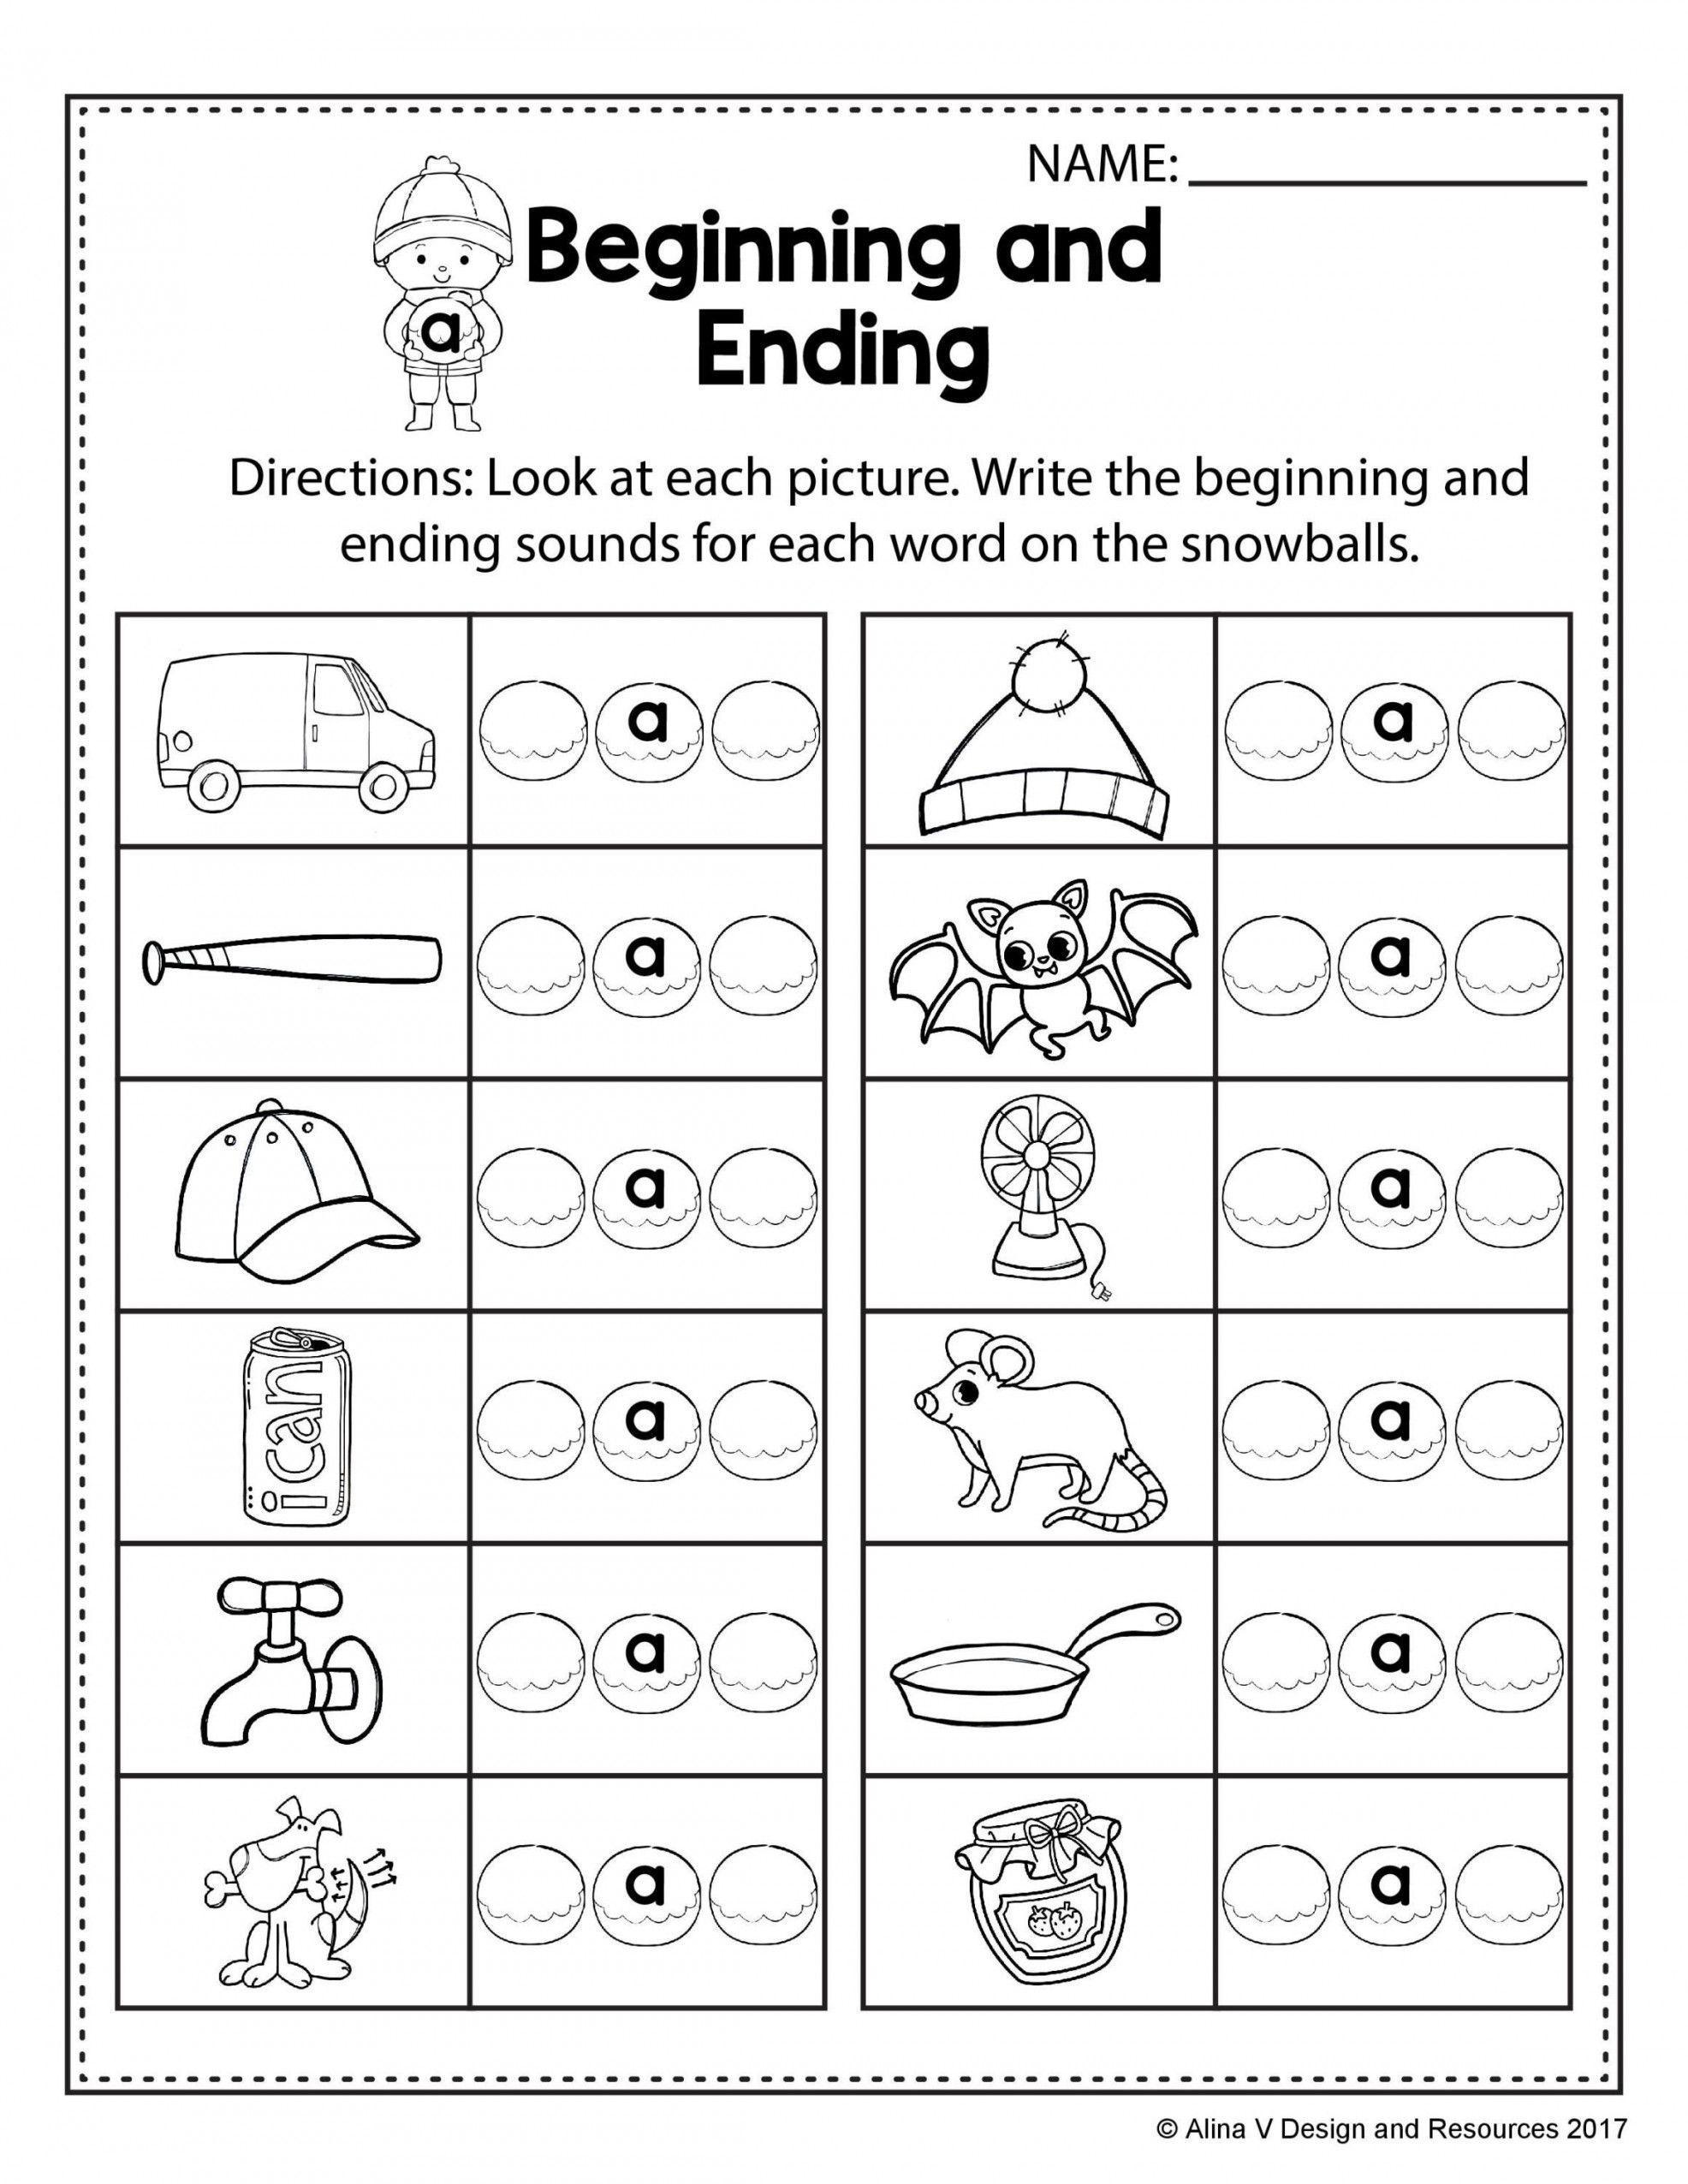 Cvc Words Worksheets Free Printable   Lostranquillos - Cvc Words Worksheets Free Printable